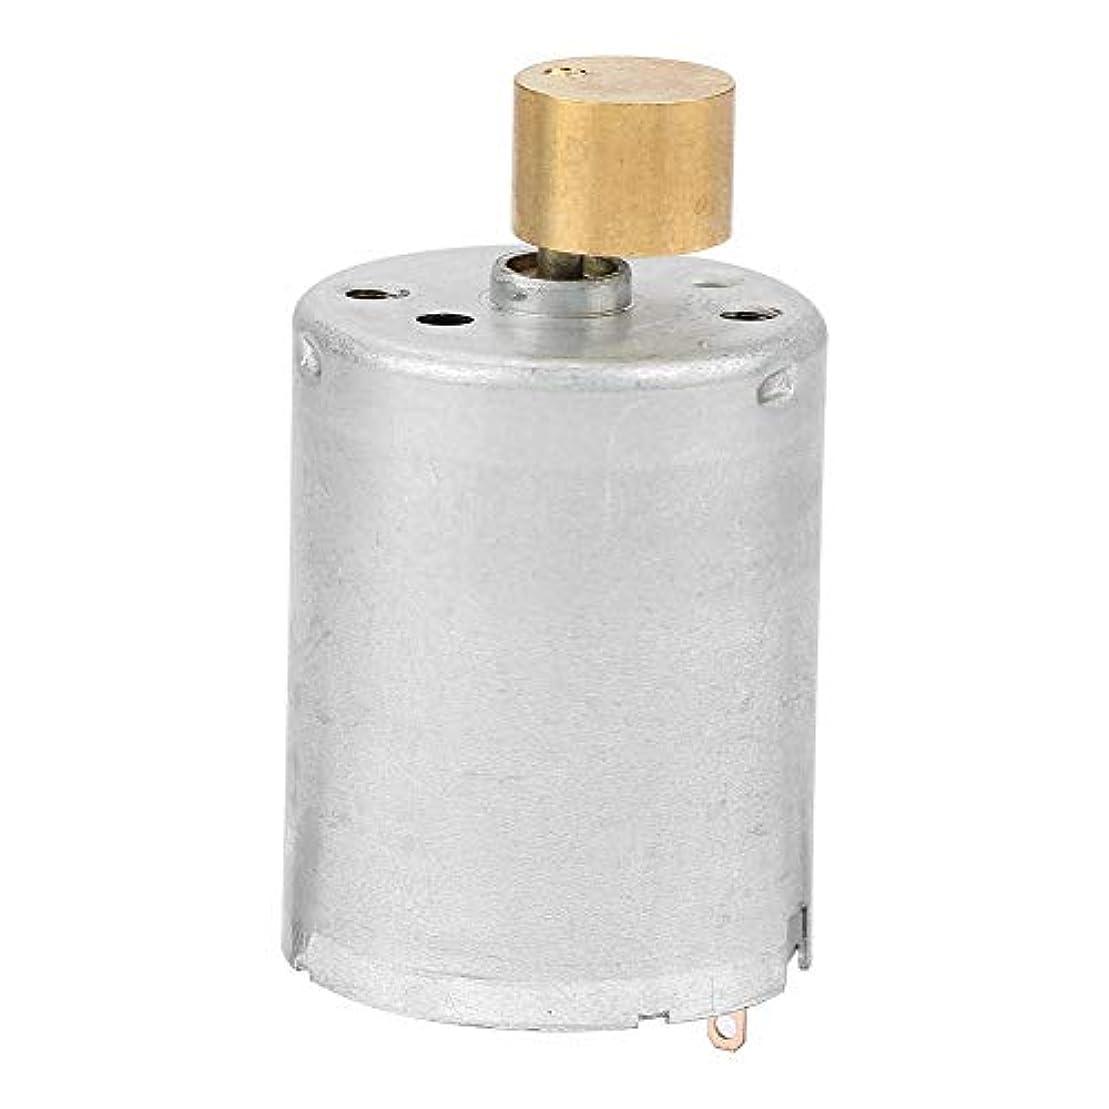 内向きなだめるどんよりしたマッサージ装置のための振動モーターRF370 DCの小型強い振動振動モーター12V